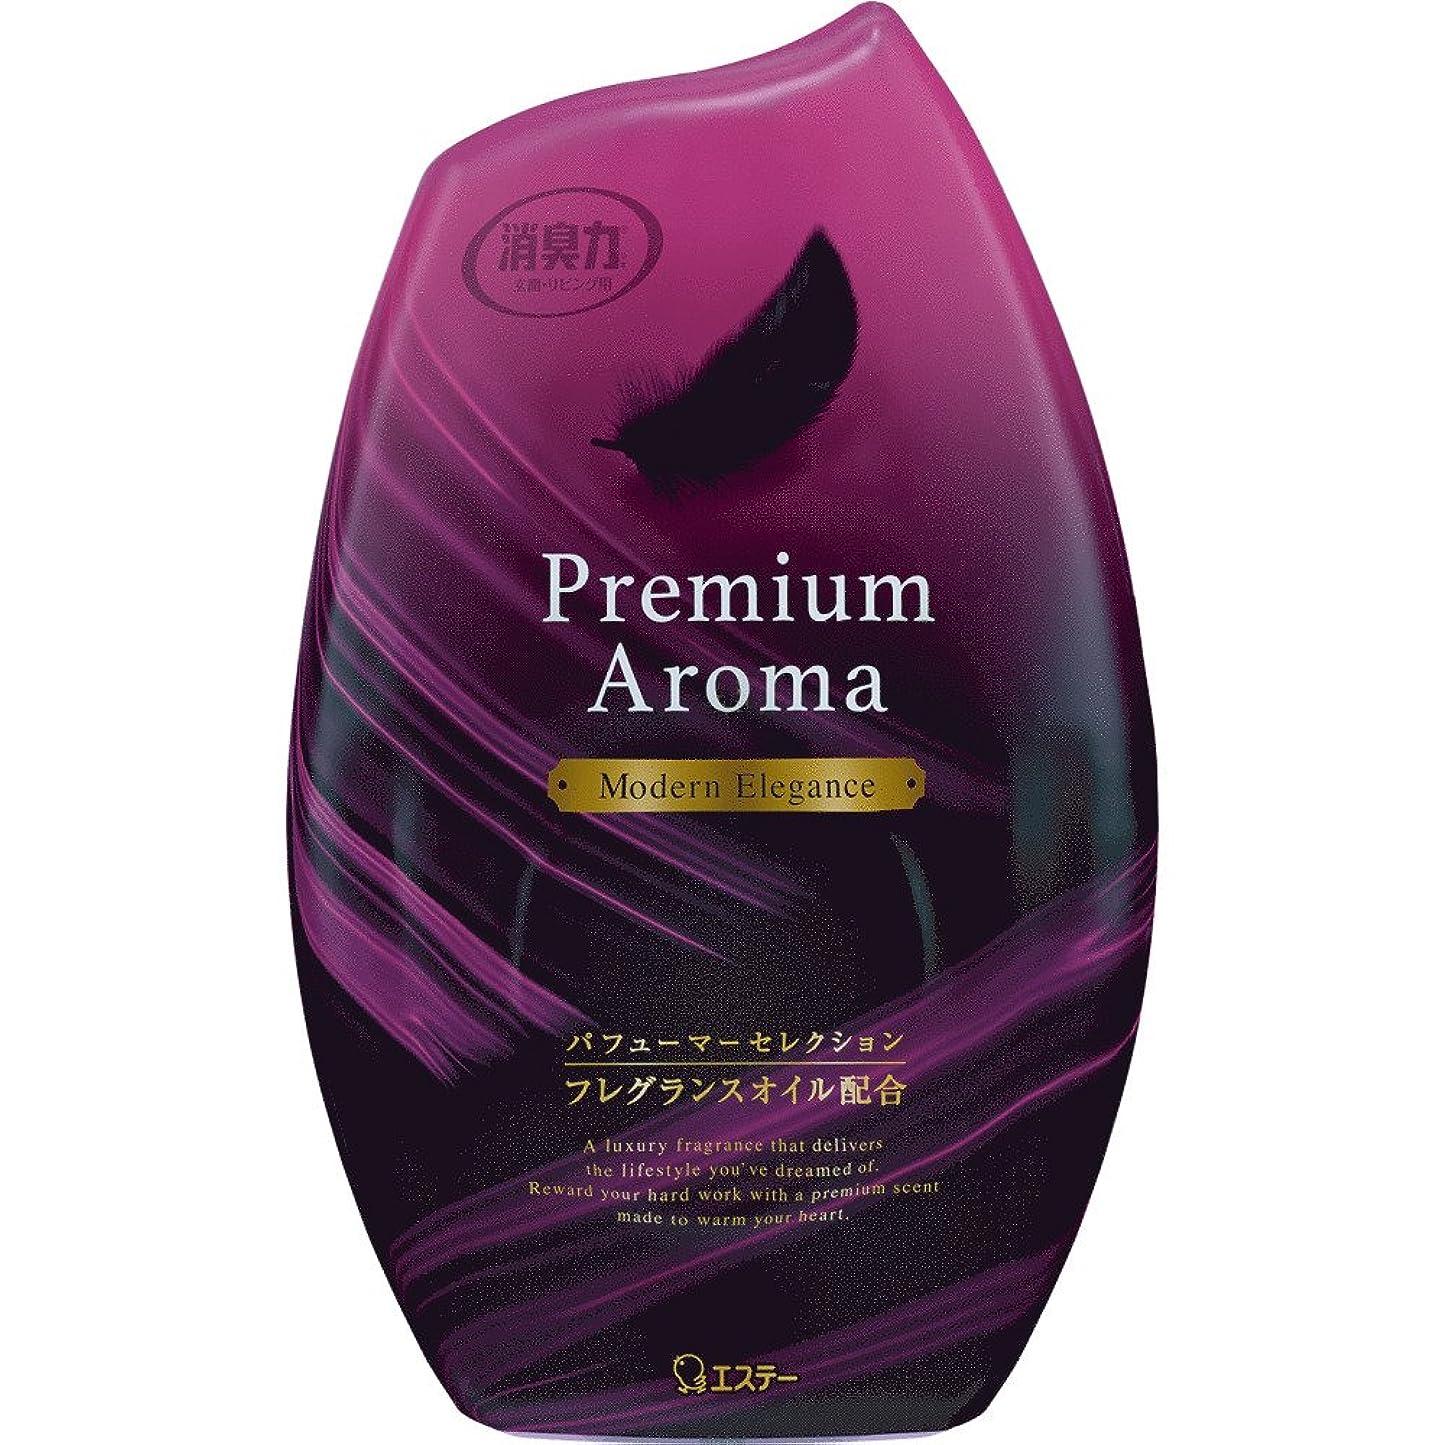 ジャンプする転送徐々にお部屋の消臭力 プレミアムアロマ Premium Aroma 消臭芳香剤 部屋用 部屋 モダンエレガンスの香り 400ml